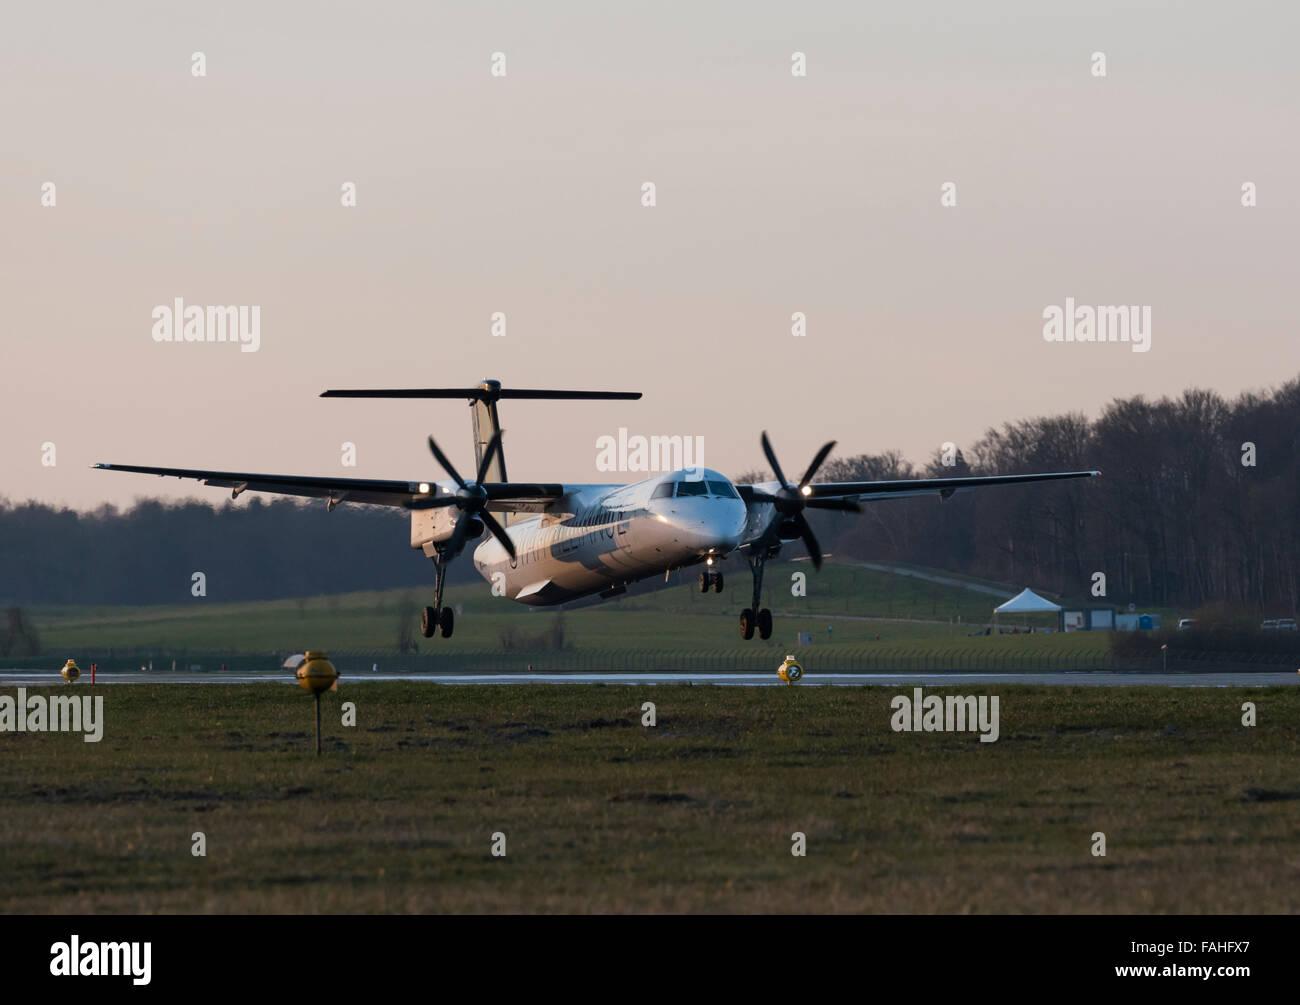 A turboprop passenger aircraft  is approaching runway14 of Zurich International airport (Kloten). - Stock Image